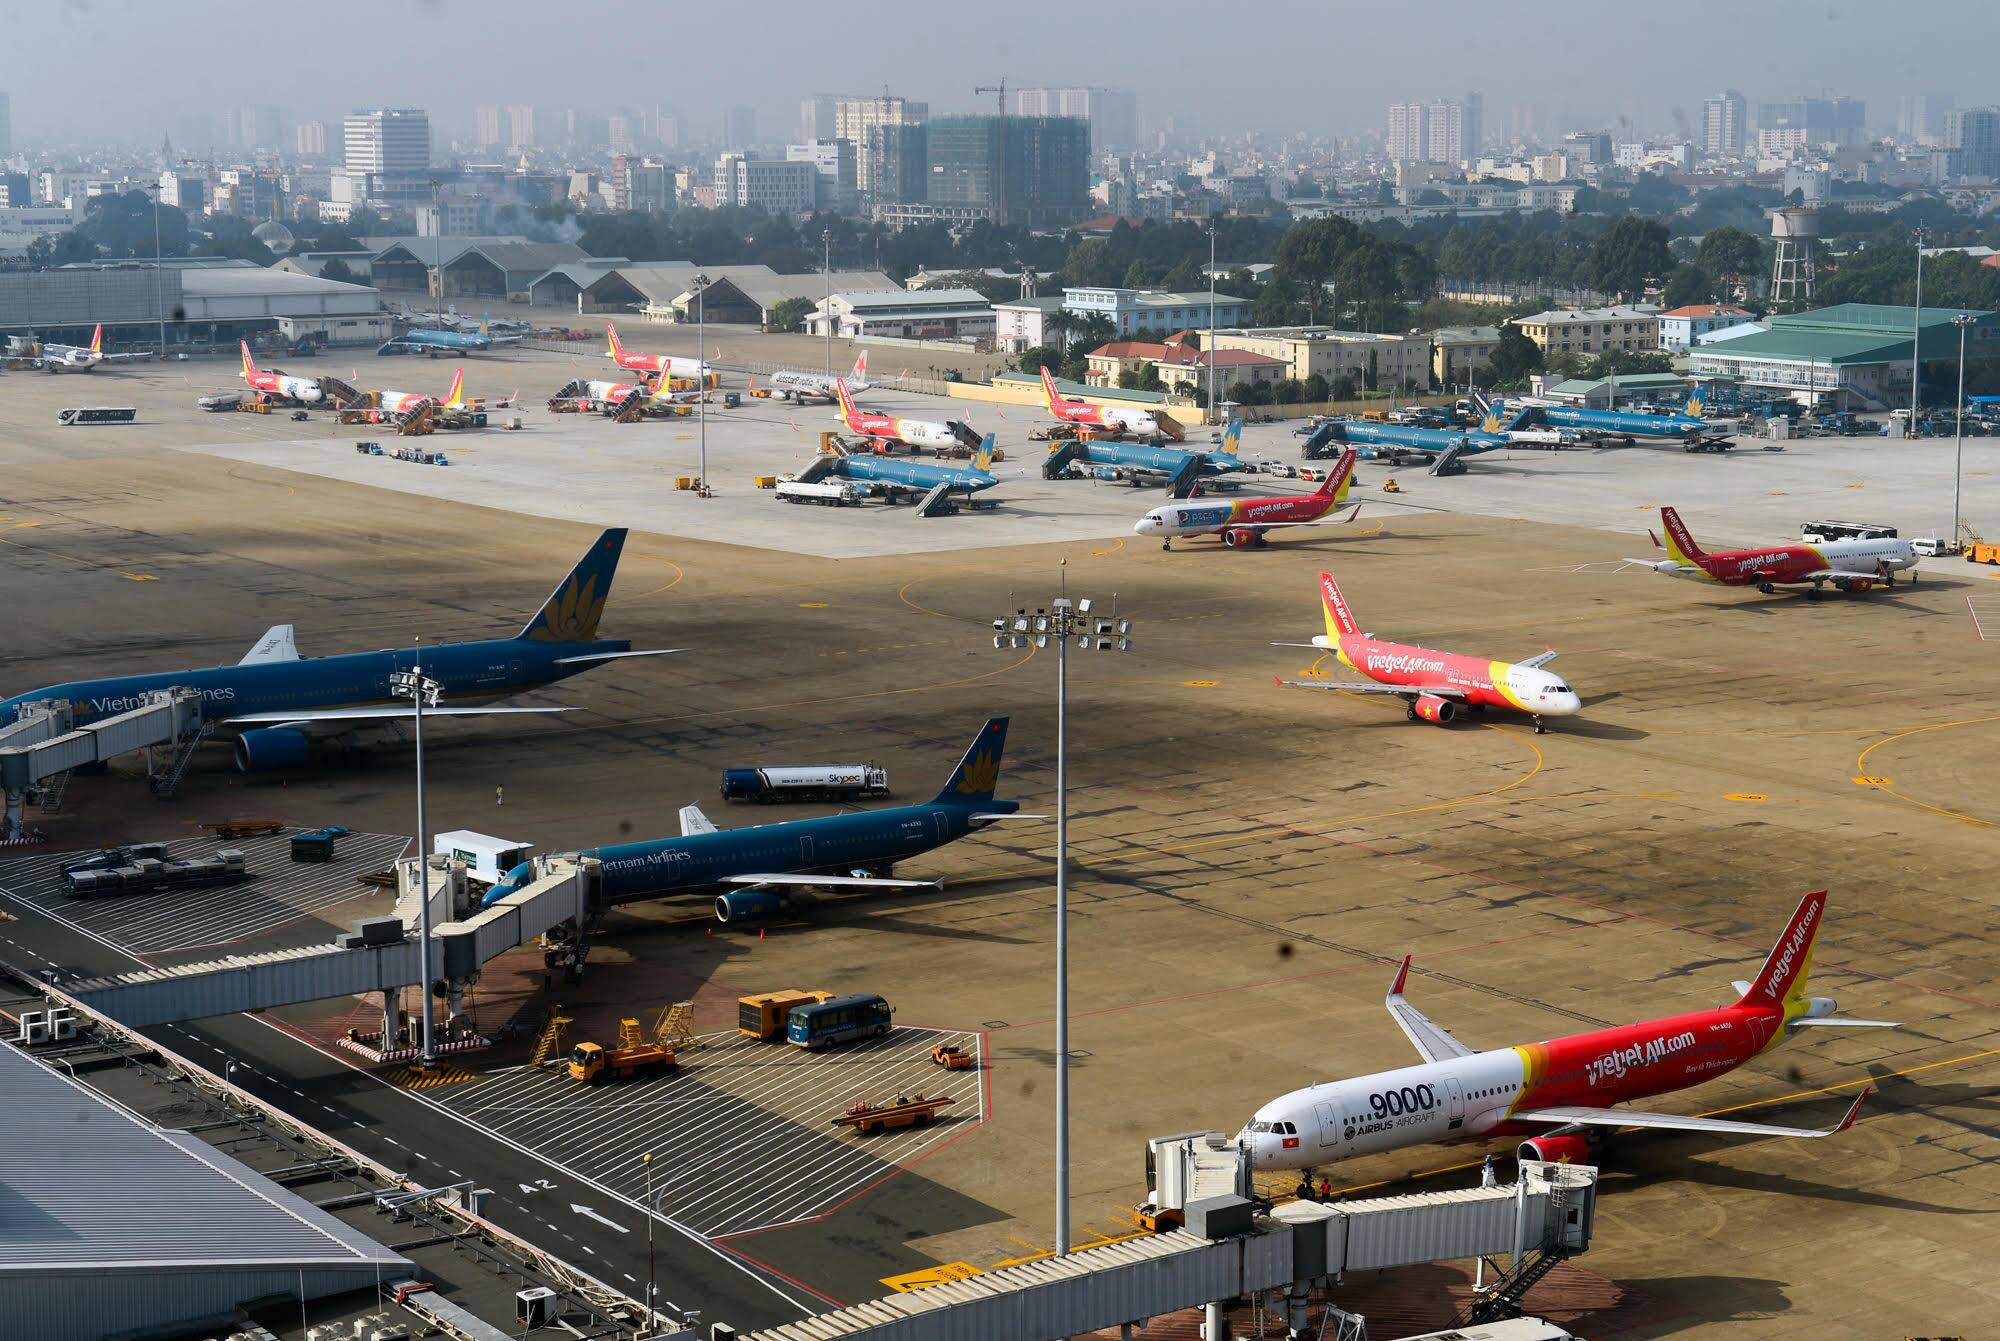 Tạm dừng vận chuyển người Việt từ nước ngoài về sân bay Tân Sơn Nhất - Ảnh 1.